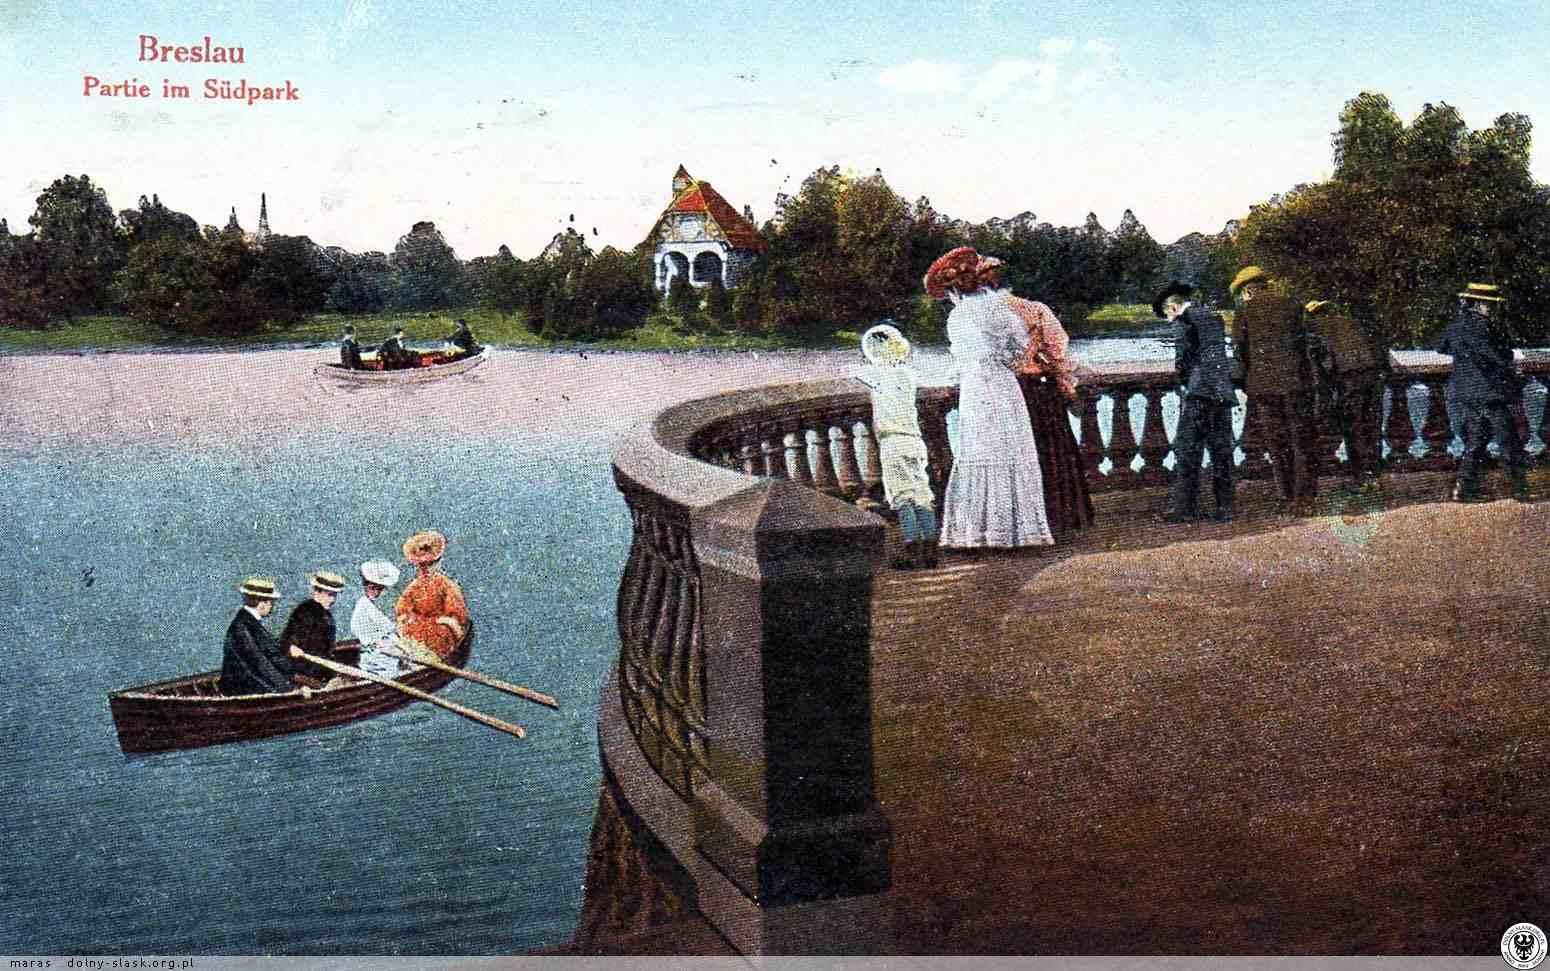 Park Południowy Wrocław i taras landsberga